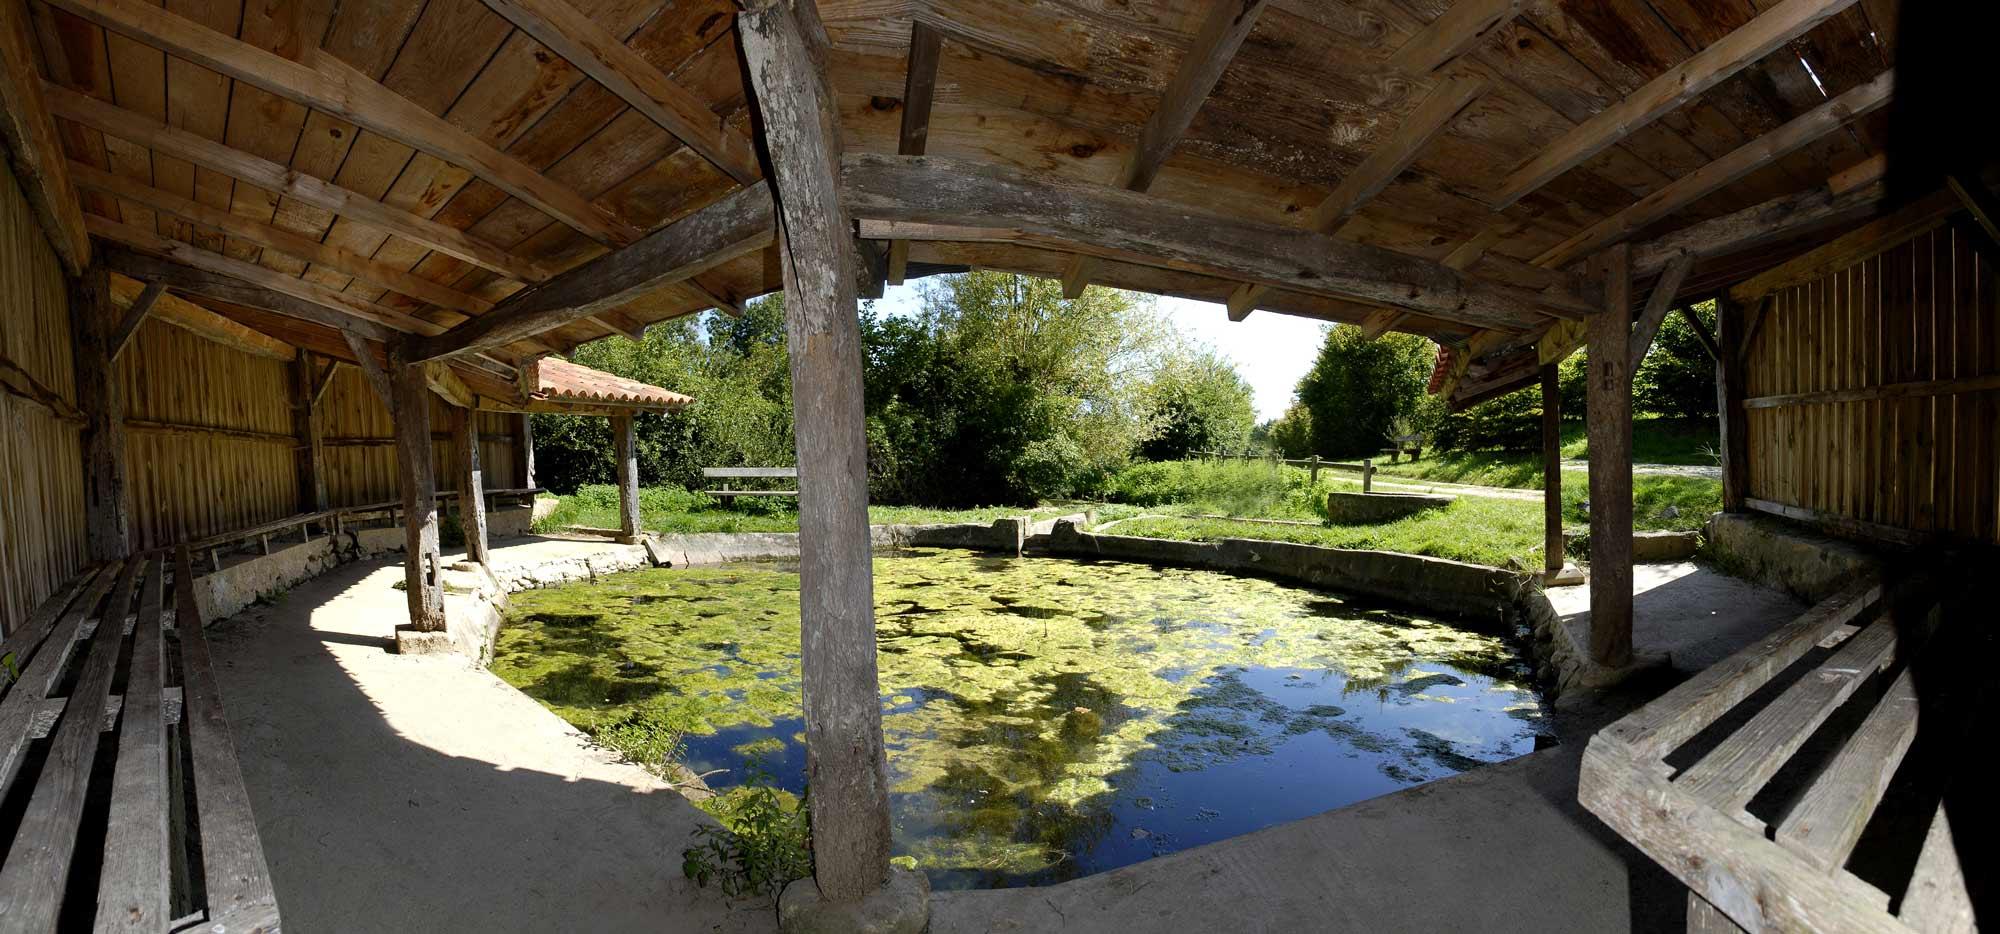 Lavoir de la courolle à Saint-Hilaire-la-Foret - crédit : Thomas Delonde